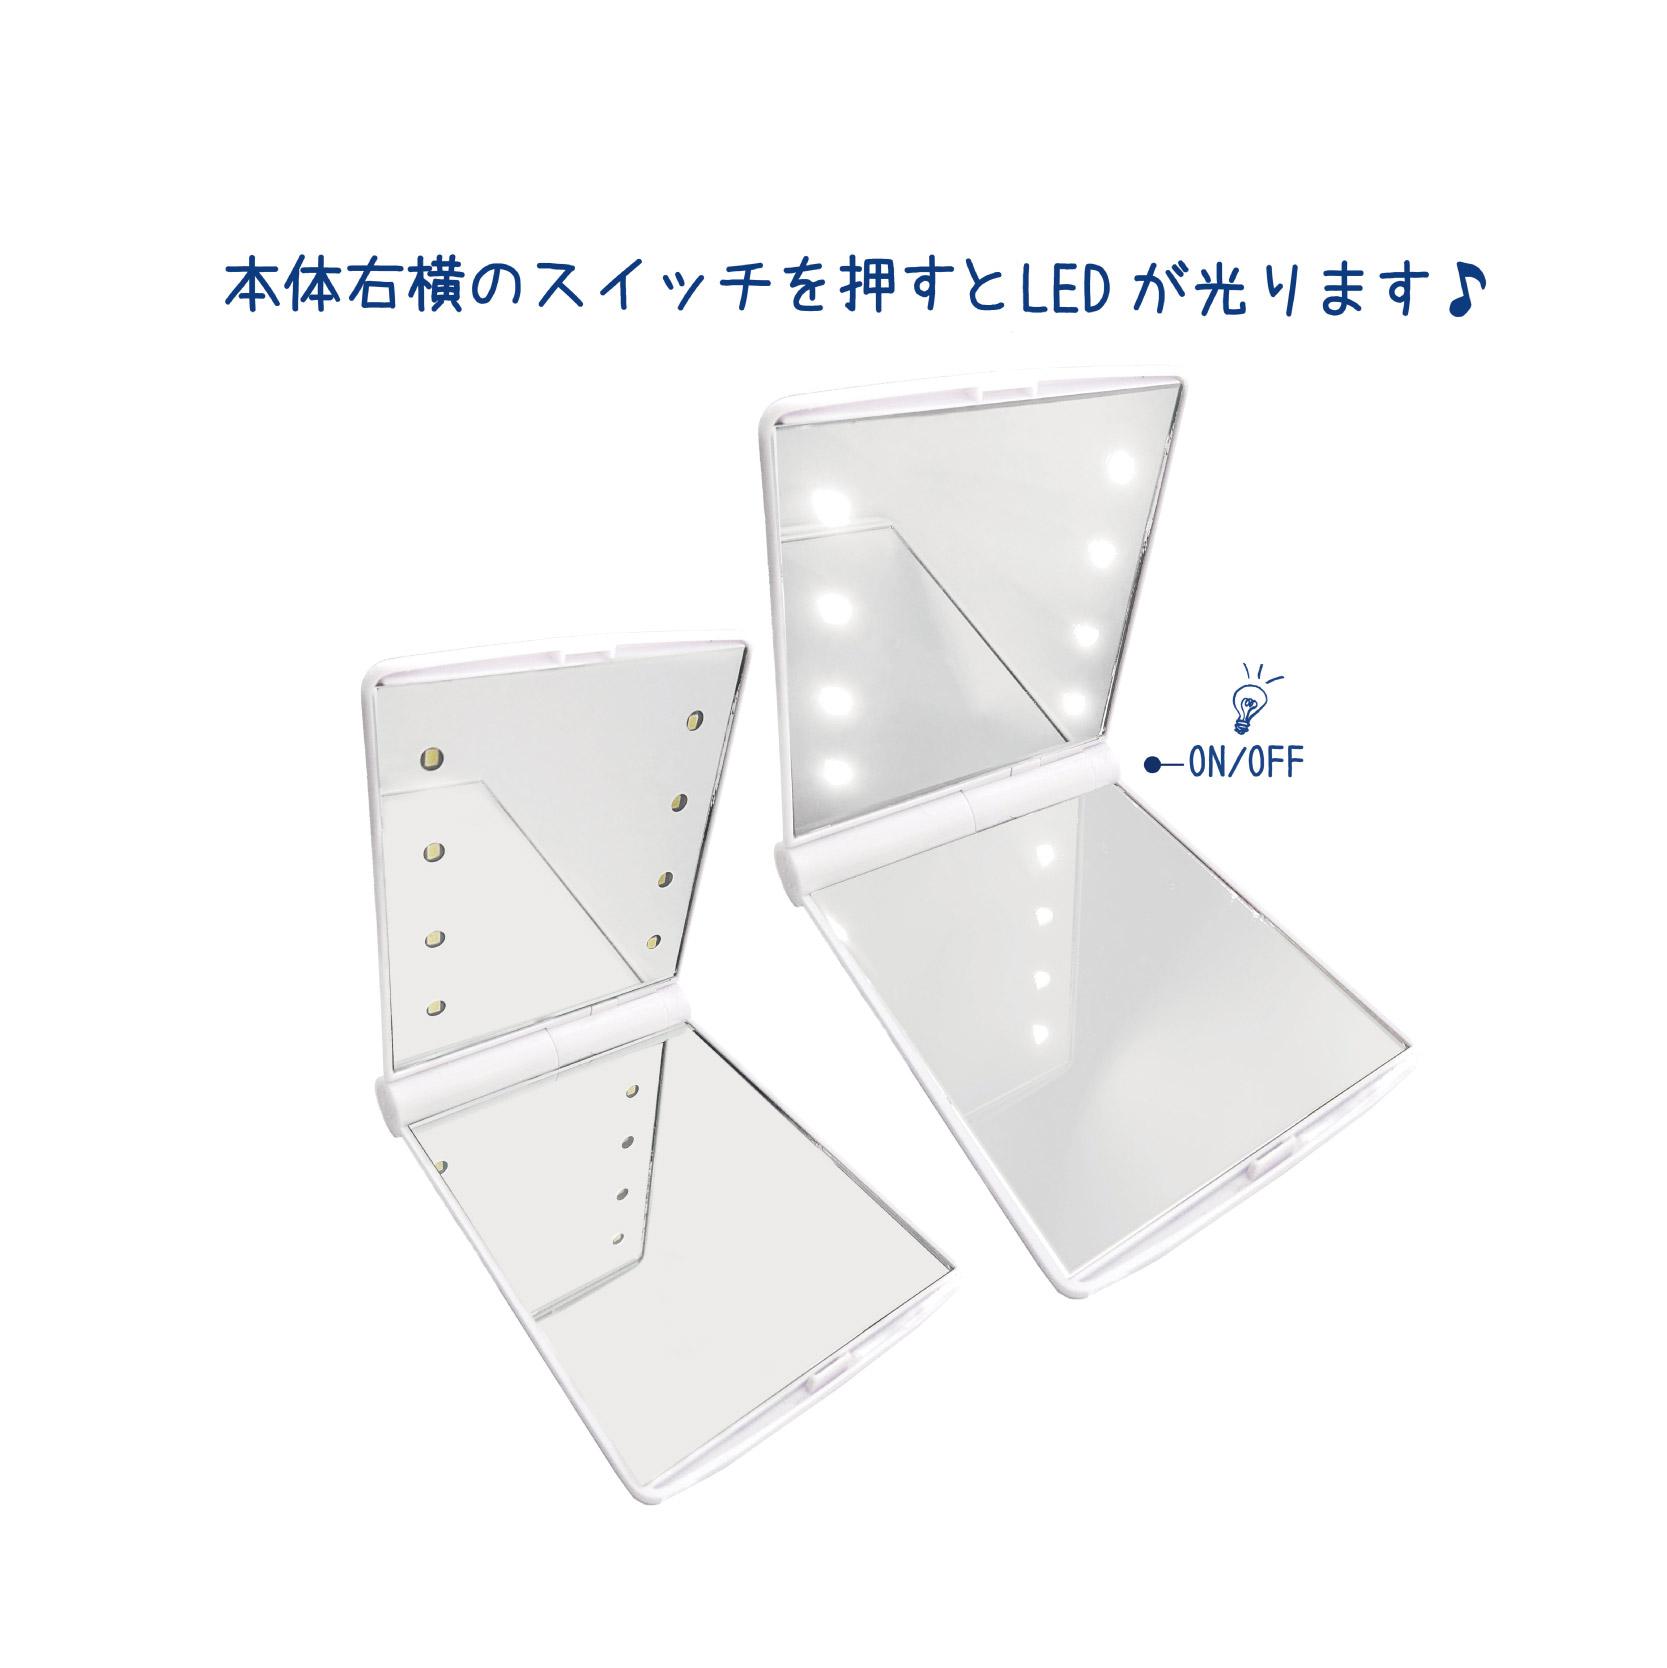 価格:1,650円(税込)